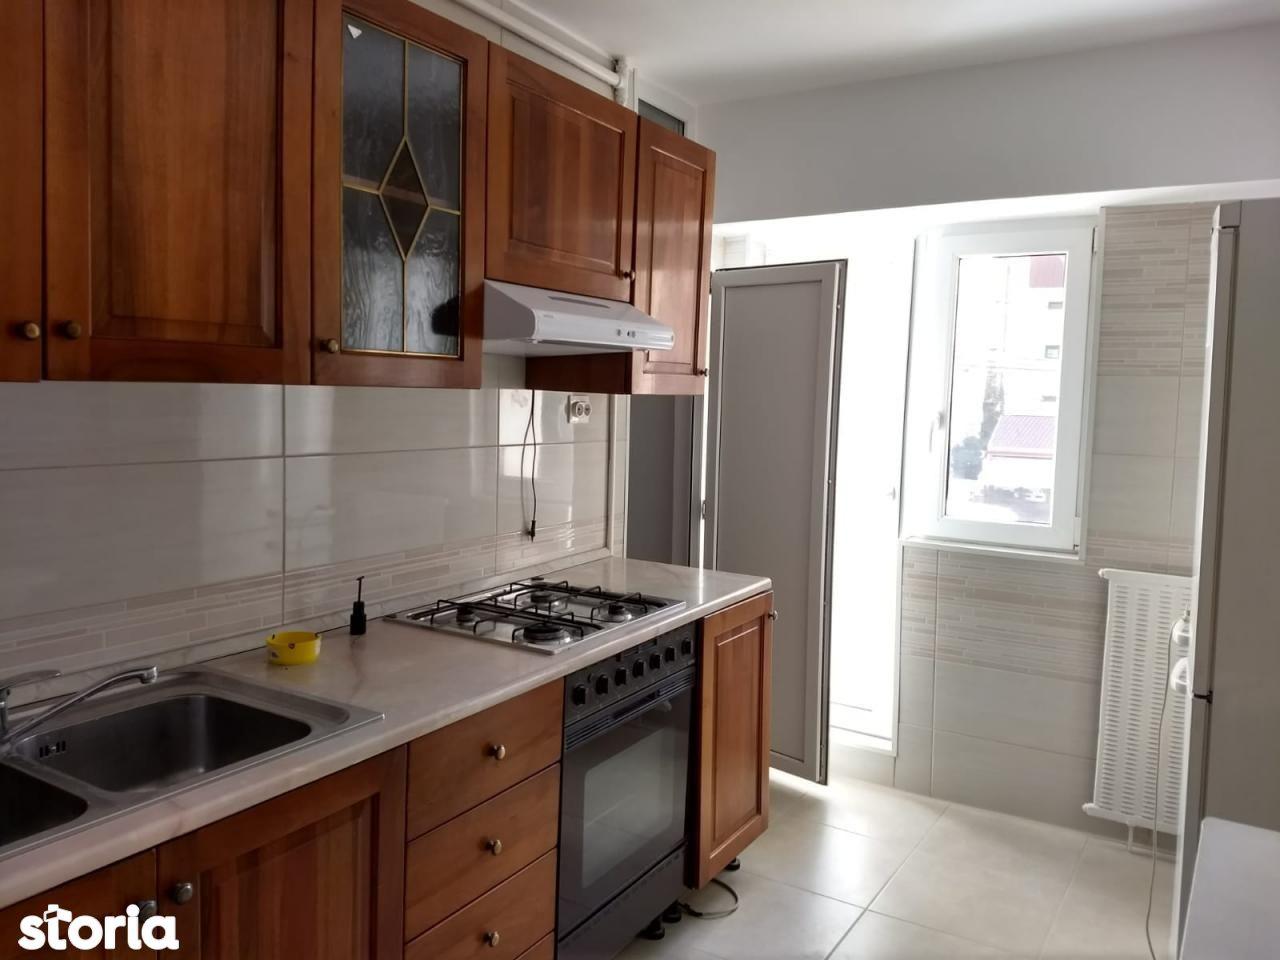 Apartament de vanzare, București (judet), Hala Traian - Foto 2